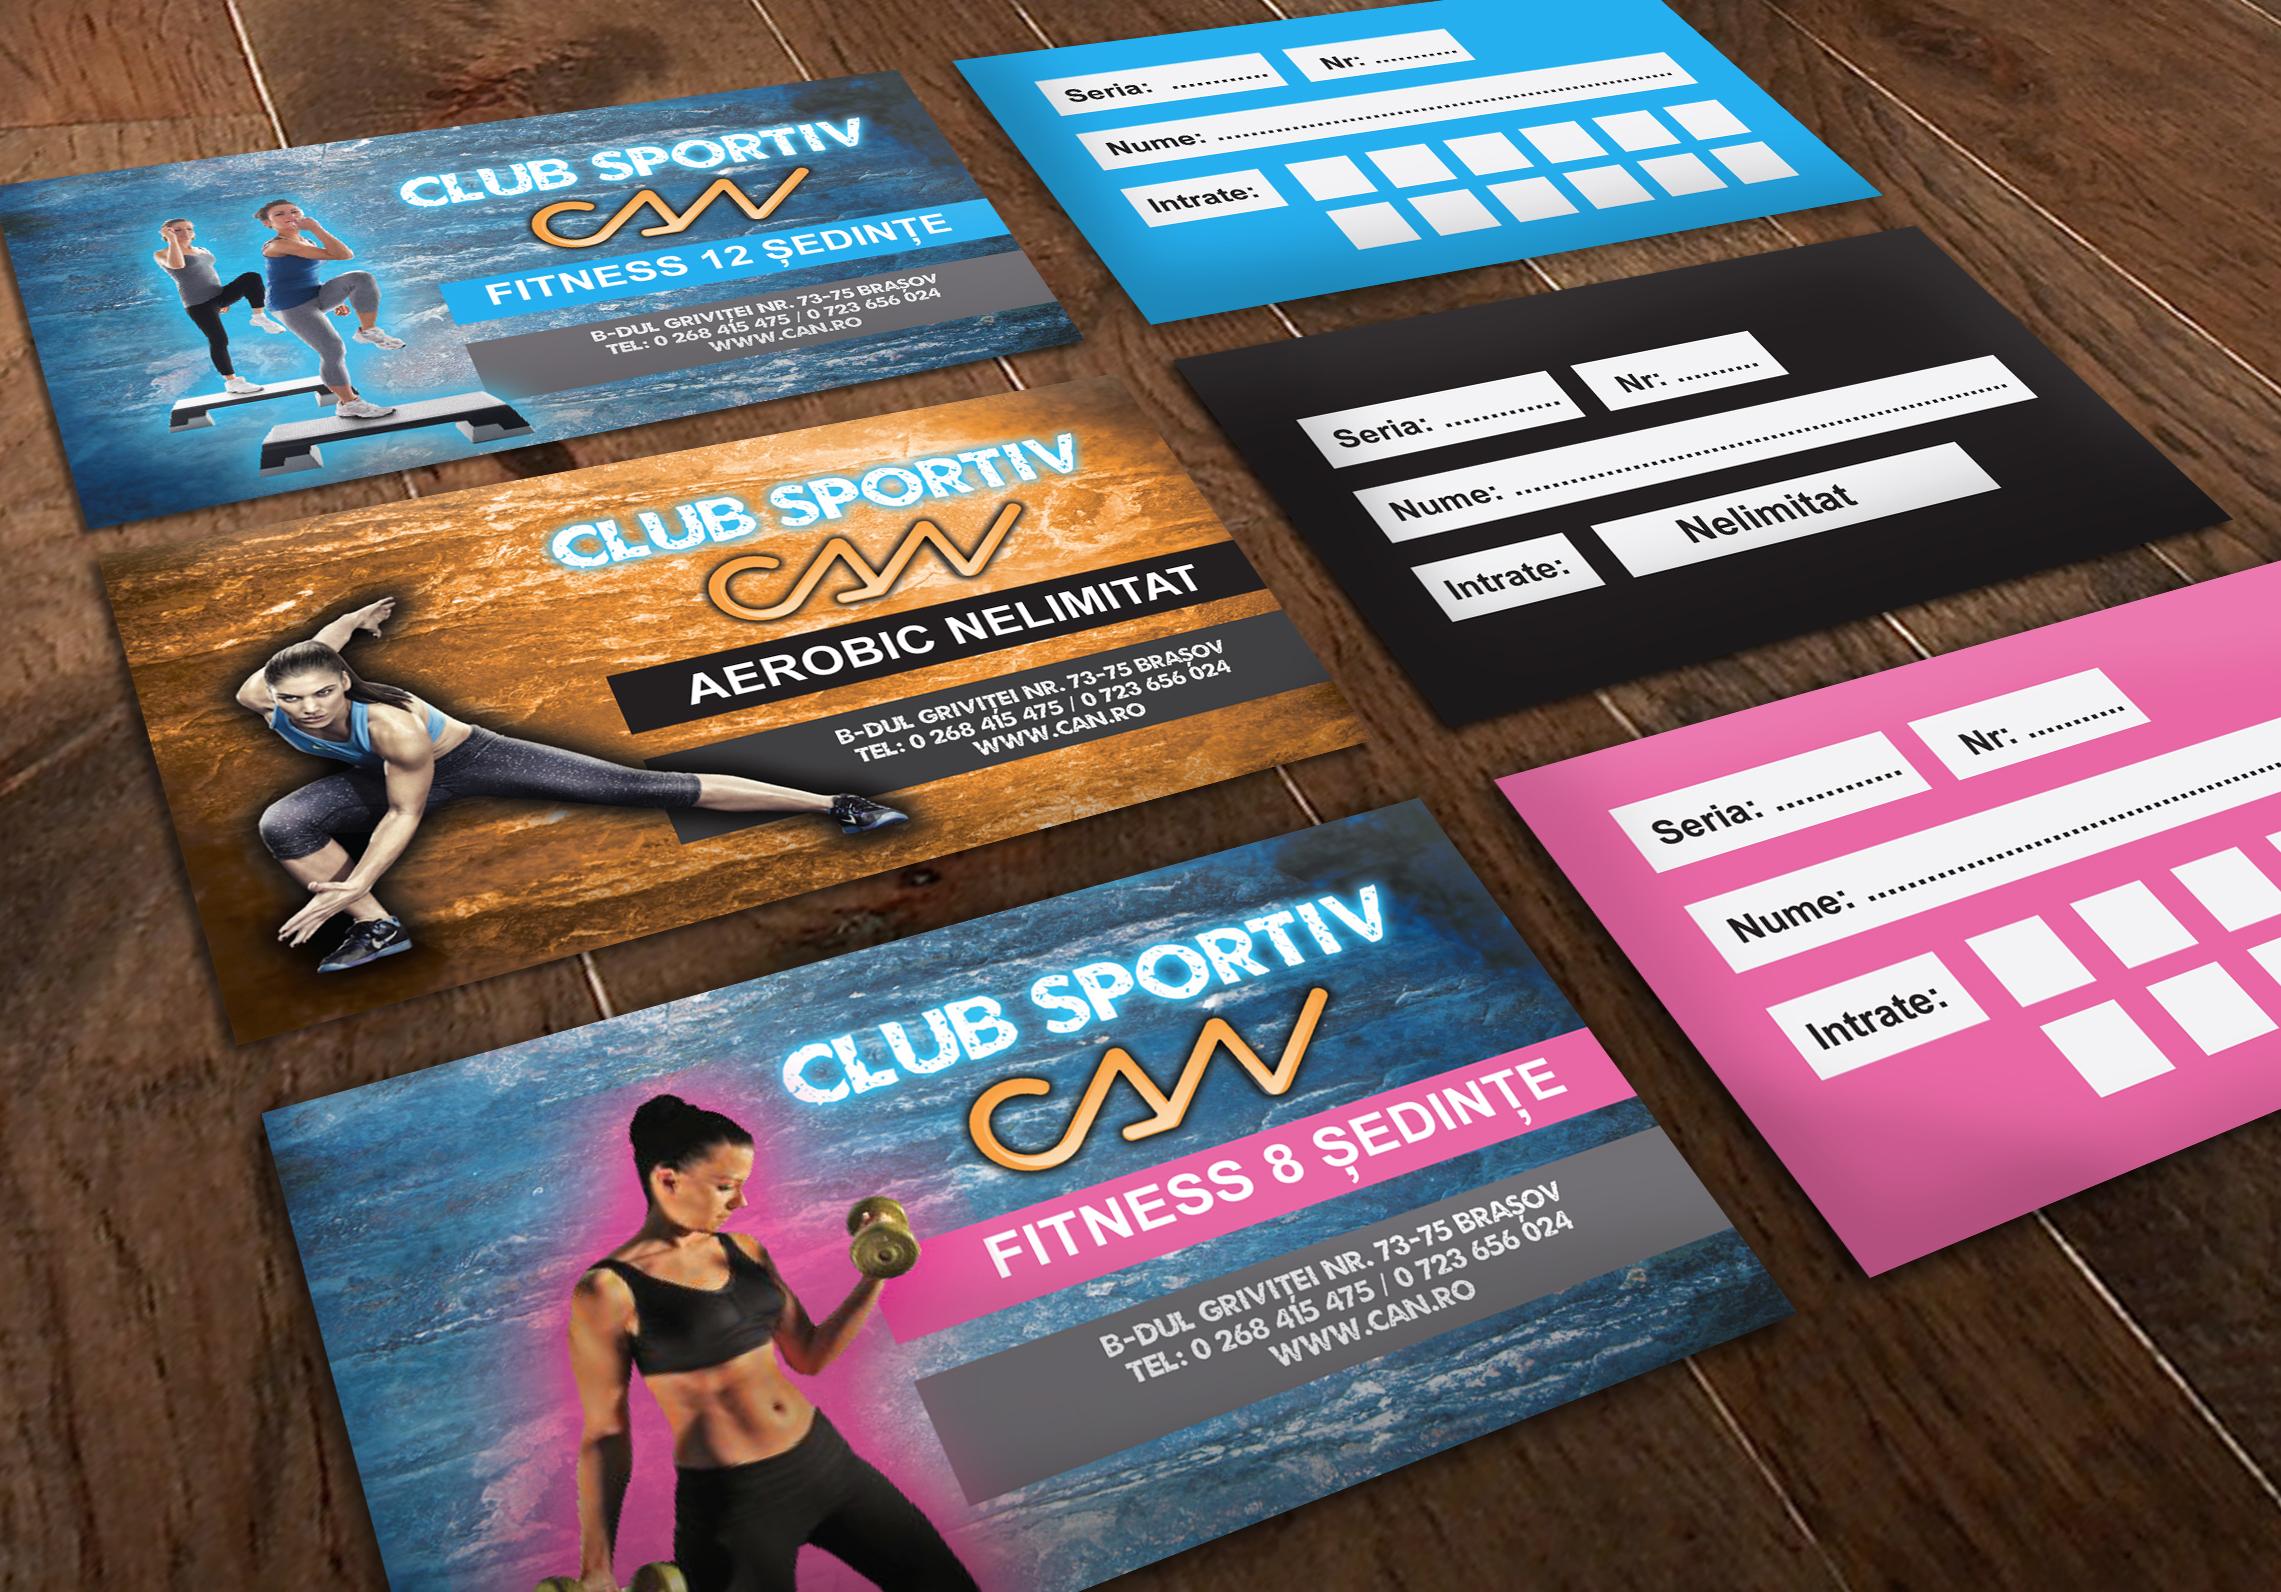 gym carnet - Sport Club CAN